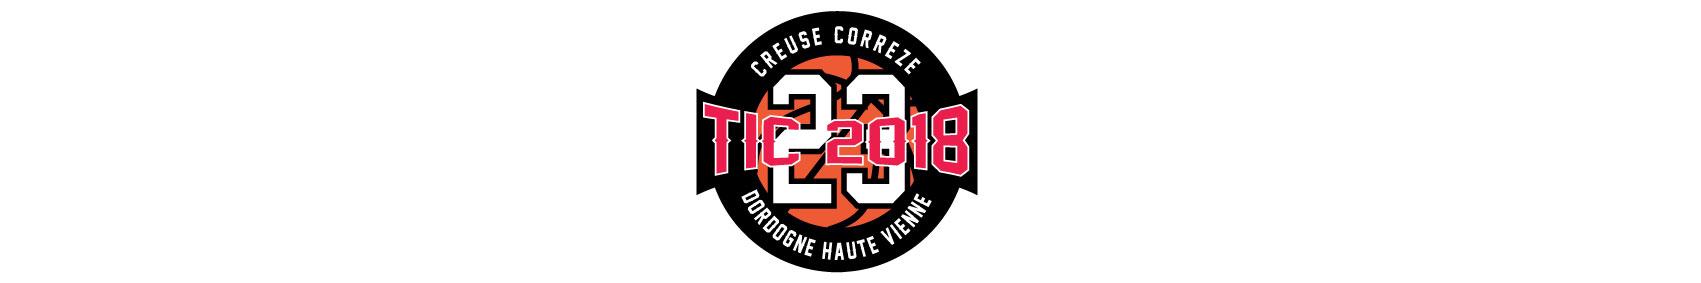 TIC 2018